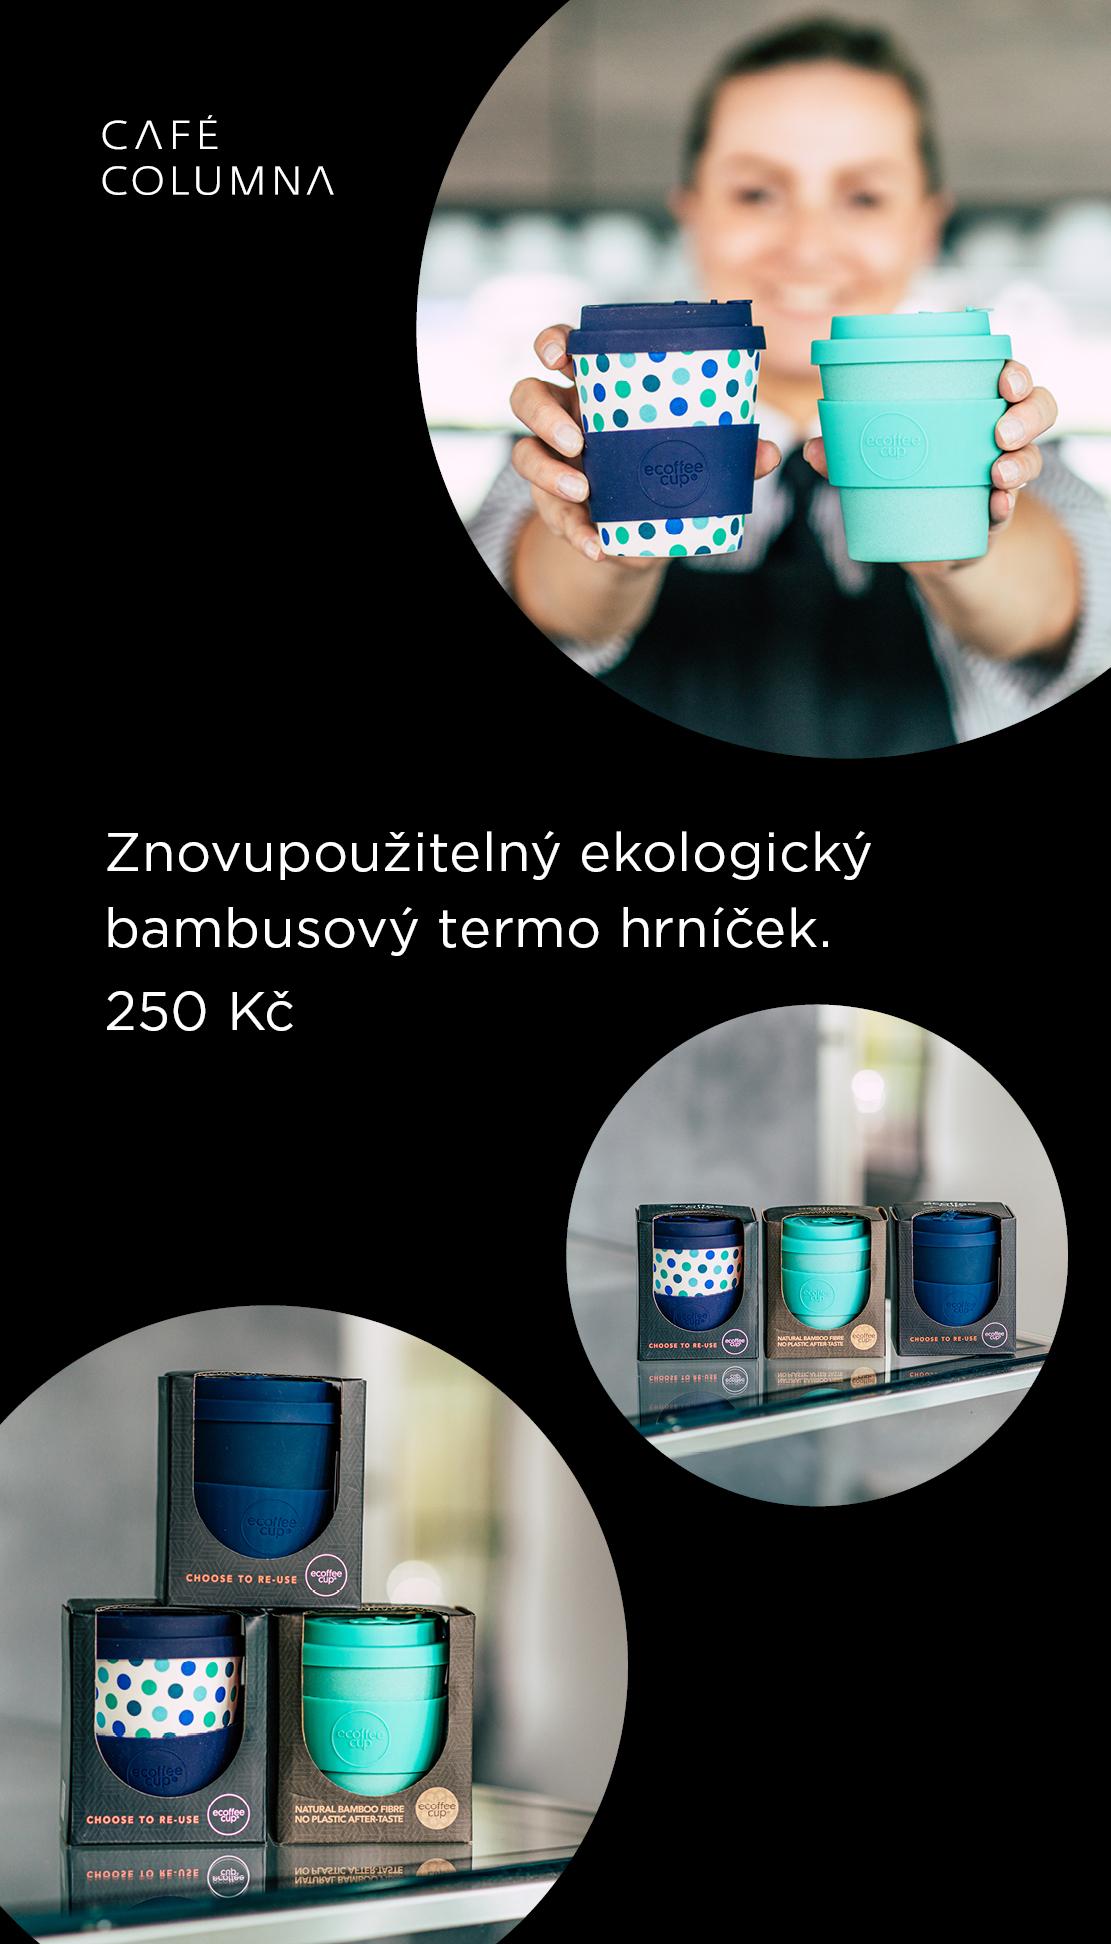 CC_web_400x700px_hrnicky